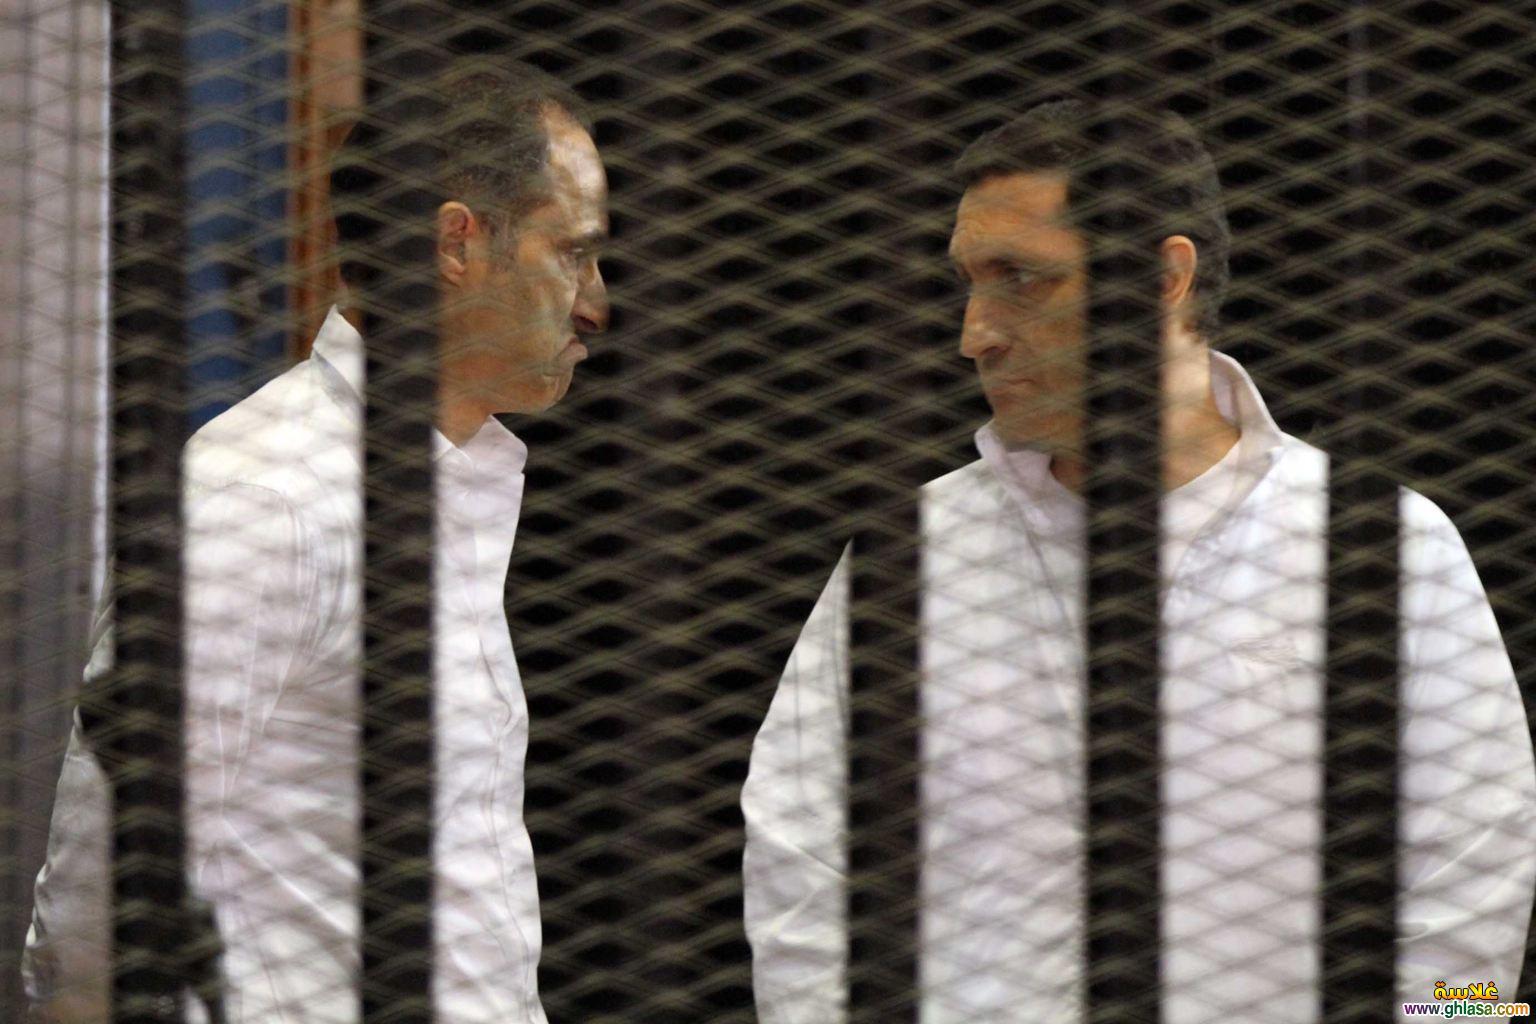 اول صور  مبارك خارج السجن 2018 ghlasa1377487719663.jpg